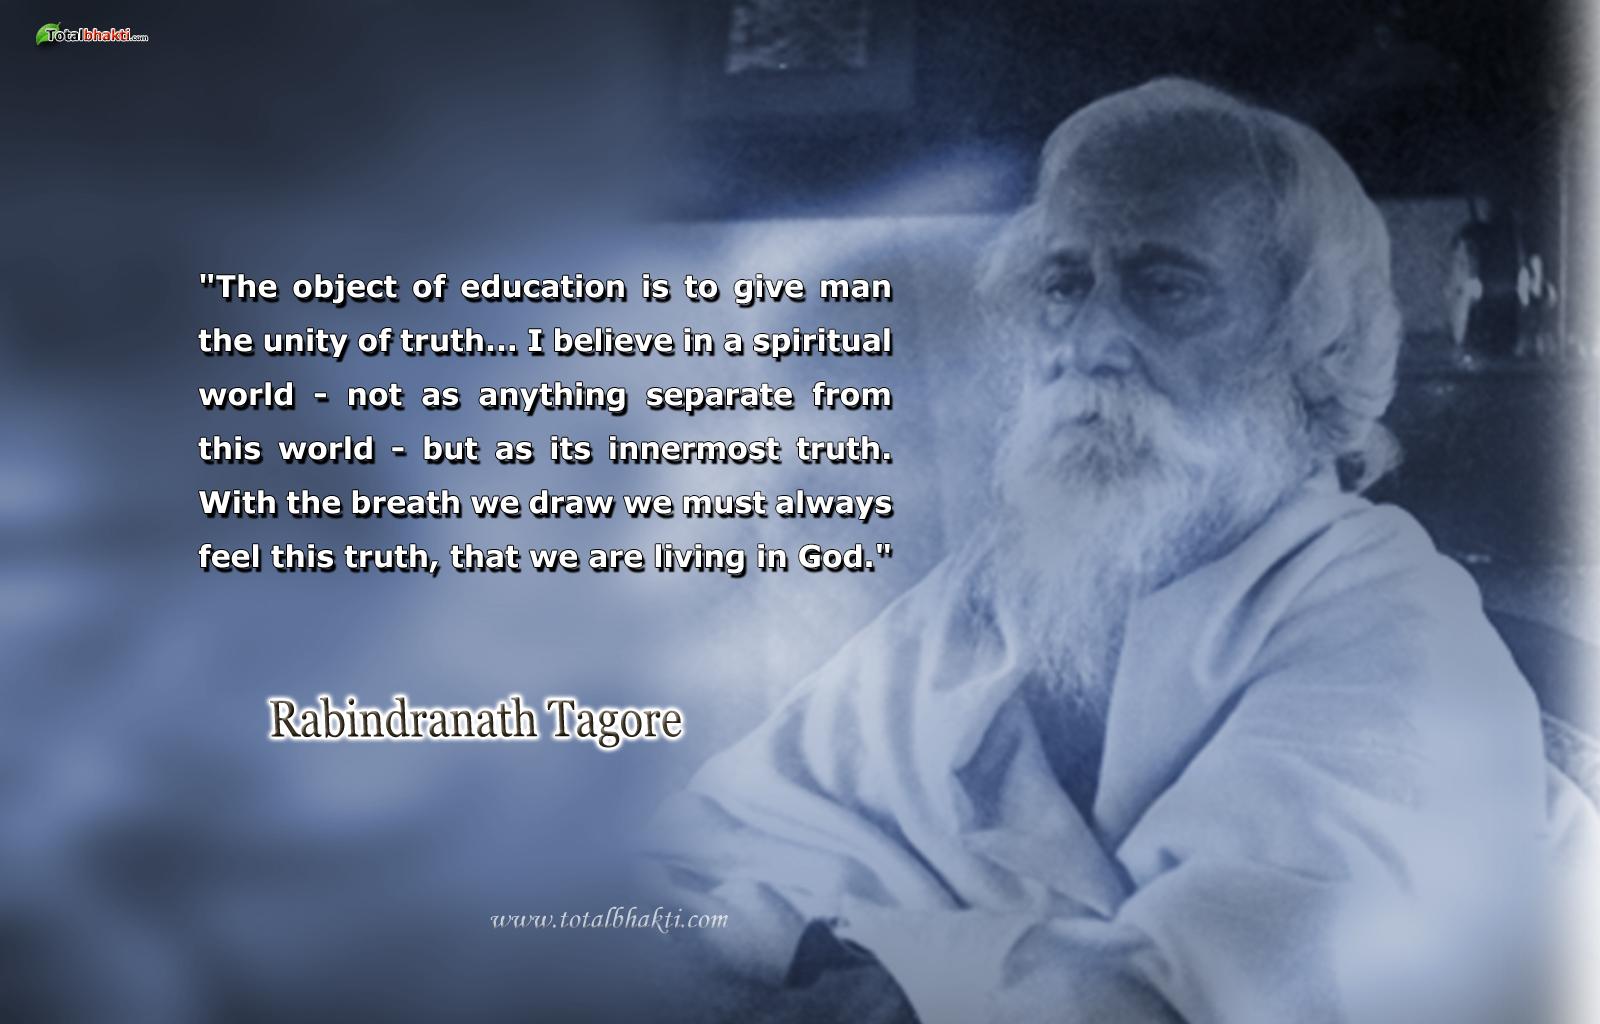 Rabindranath Tagore's quote #2